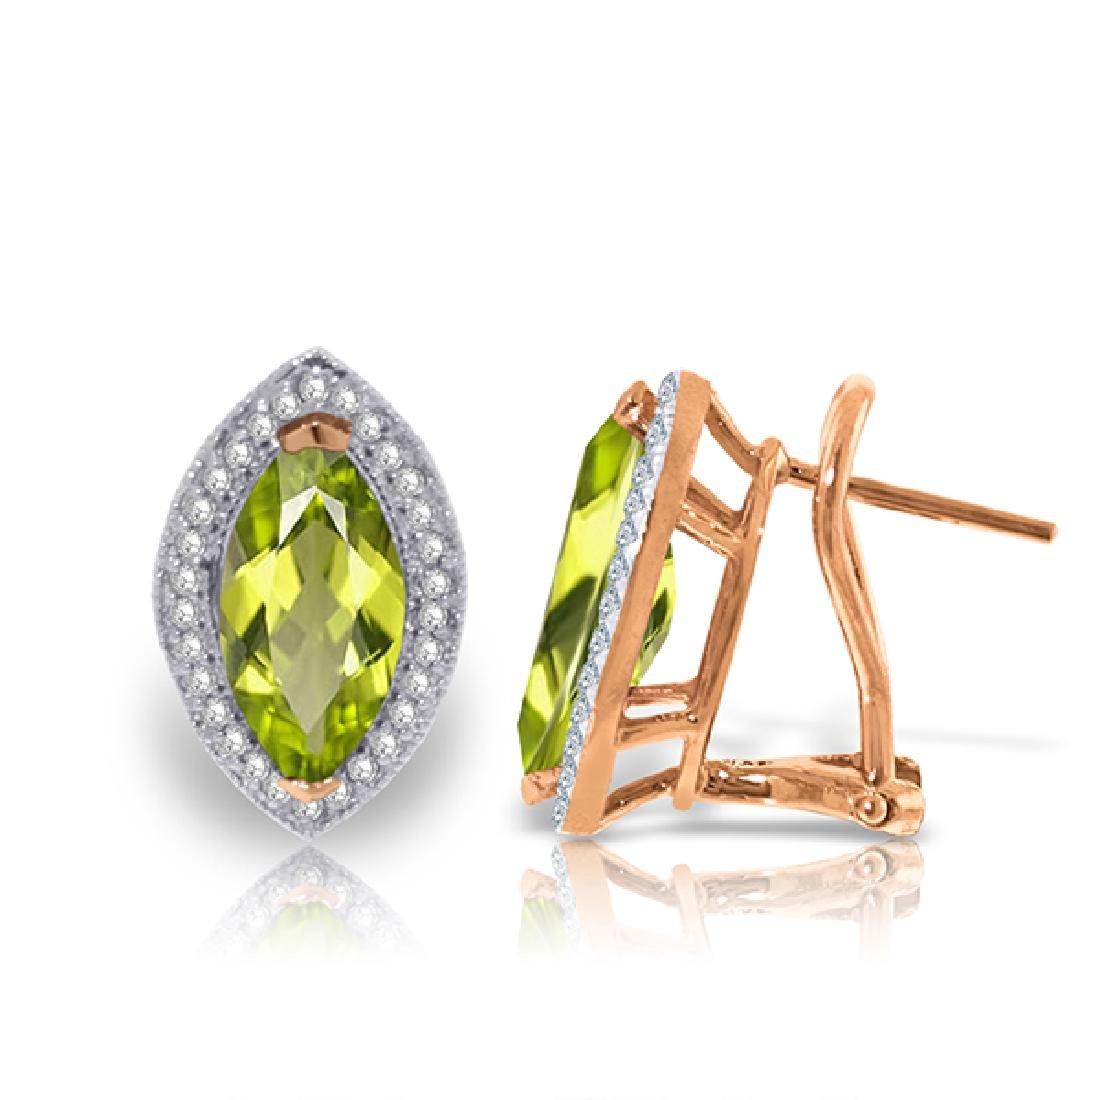 Genuine 4.3 ctw Peridot & Diamond Earrings Jewelry 14KT